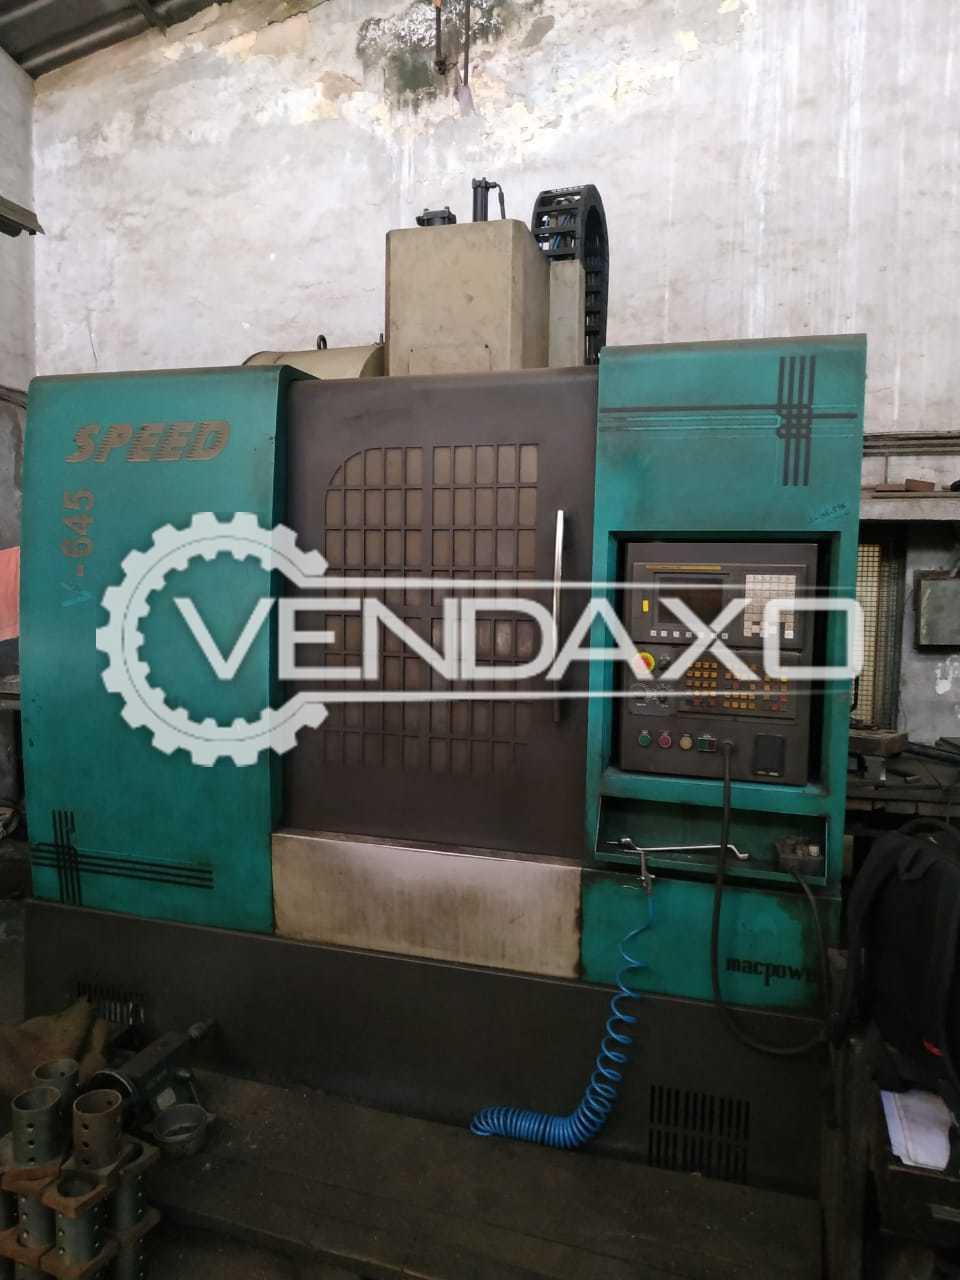 Macpower V-645 CNC Vertical Machining Center VMC - 600 x 450 x 450 mm